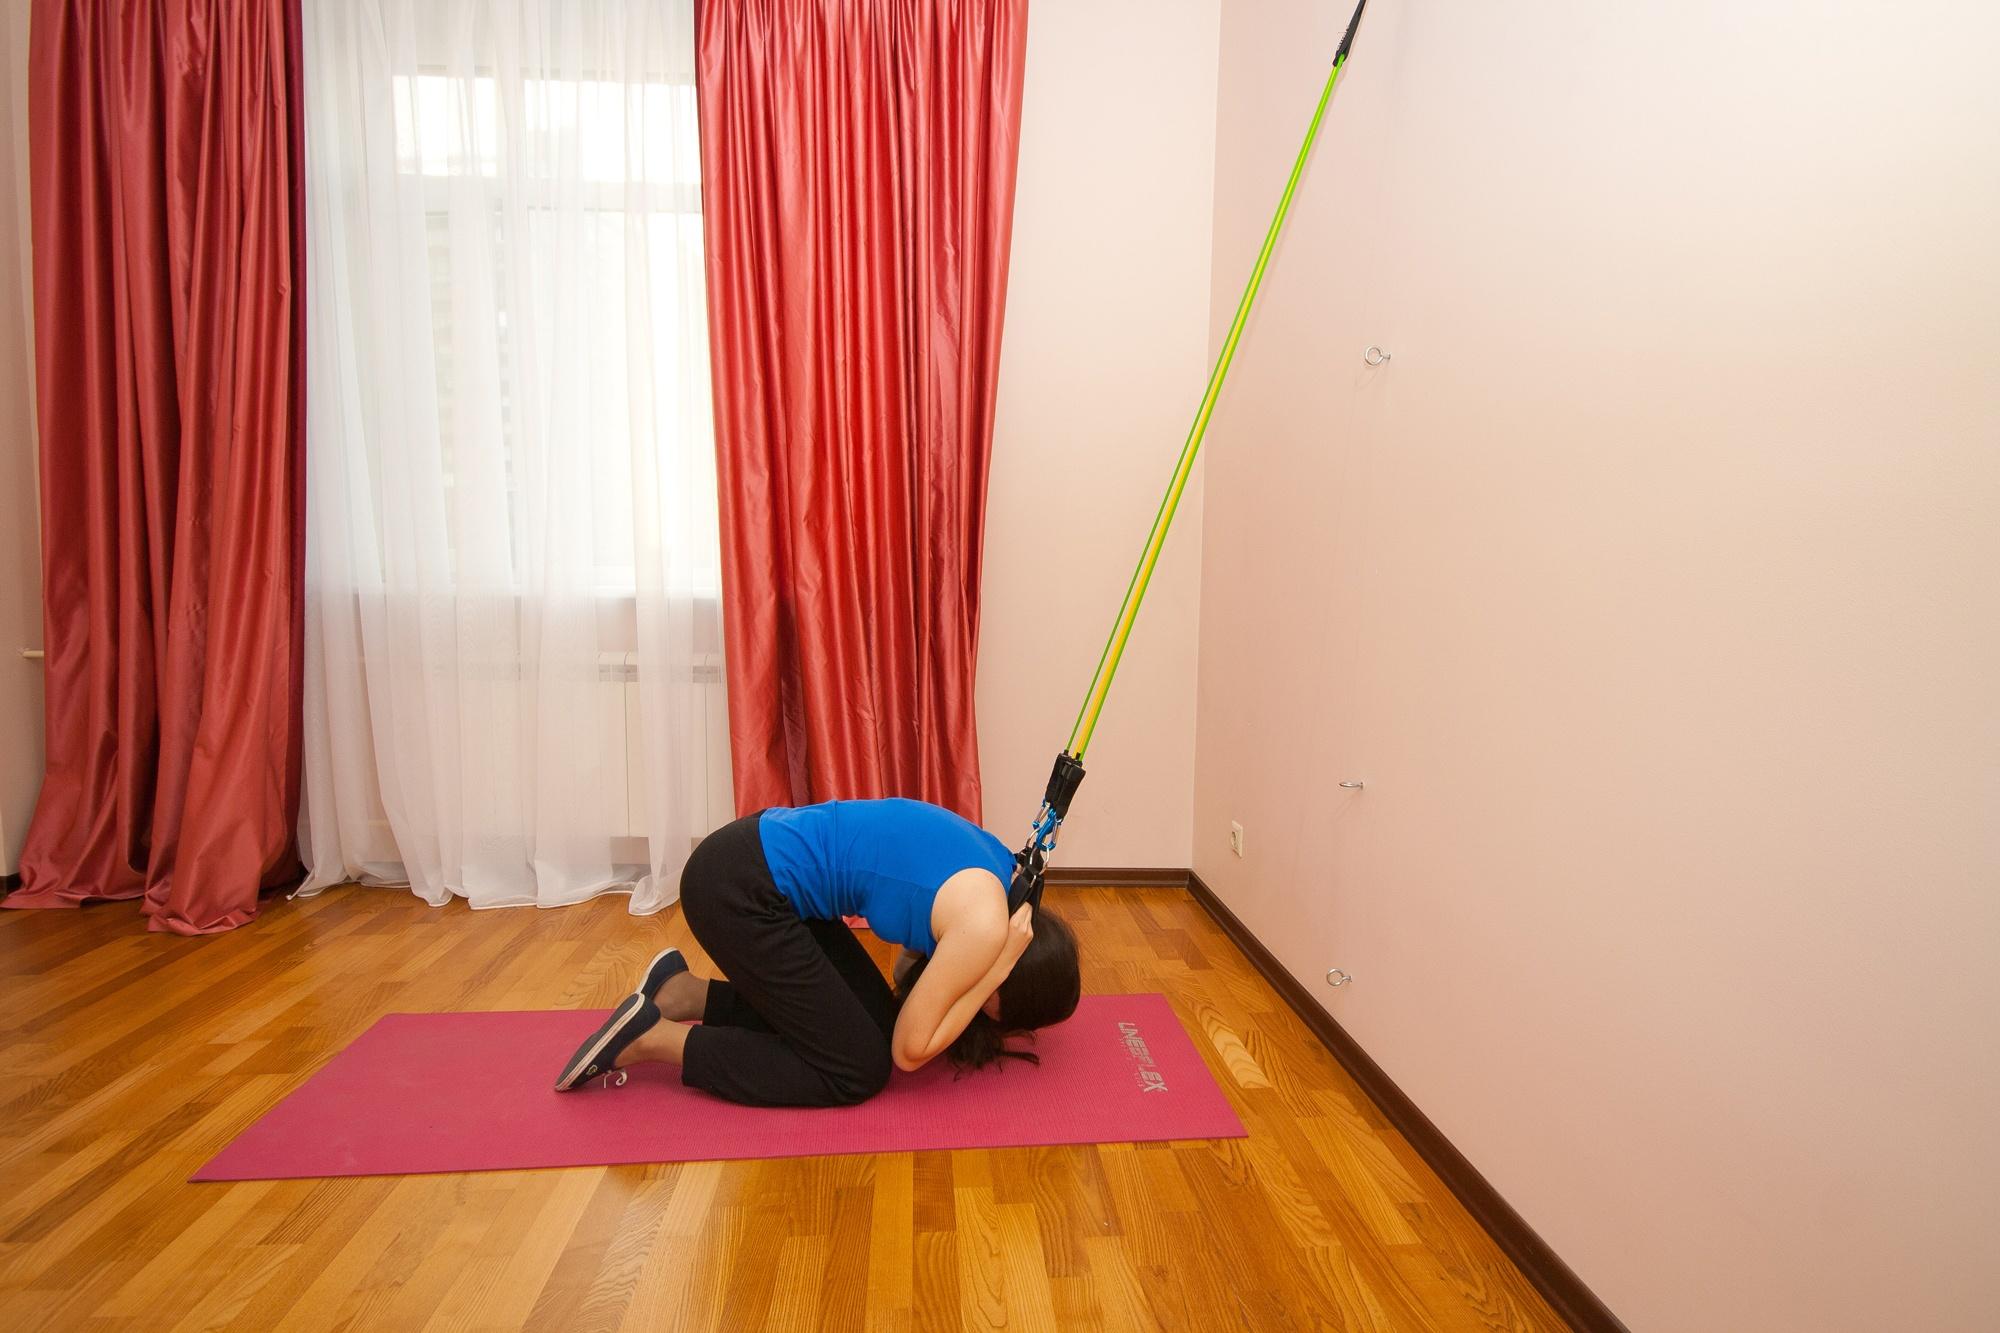 Упражнение с эспандером для мышц пресса и поясницы. Скручивания. Верхняя часть пресса и косые мышцы живота.